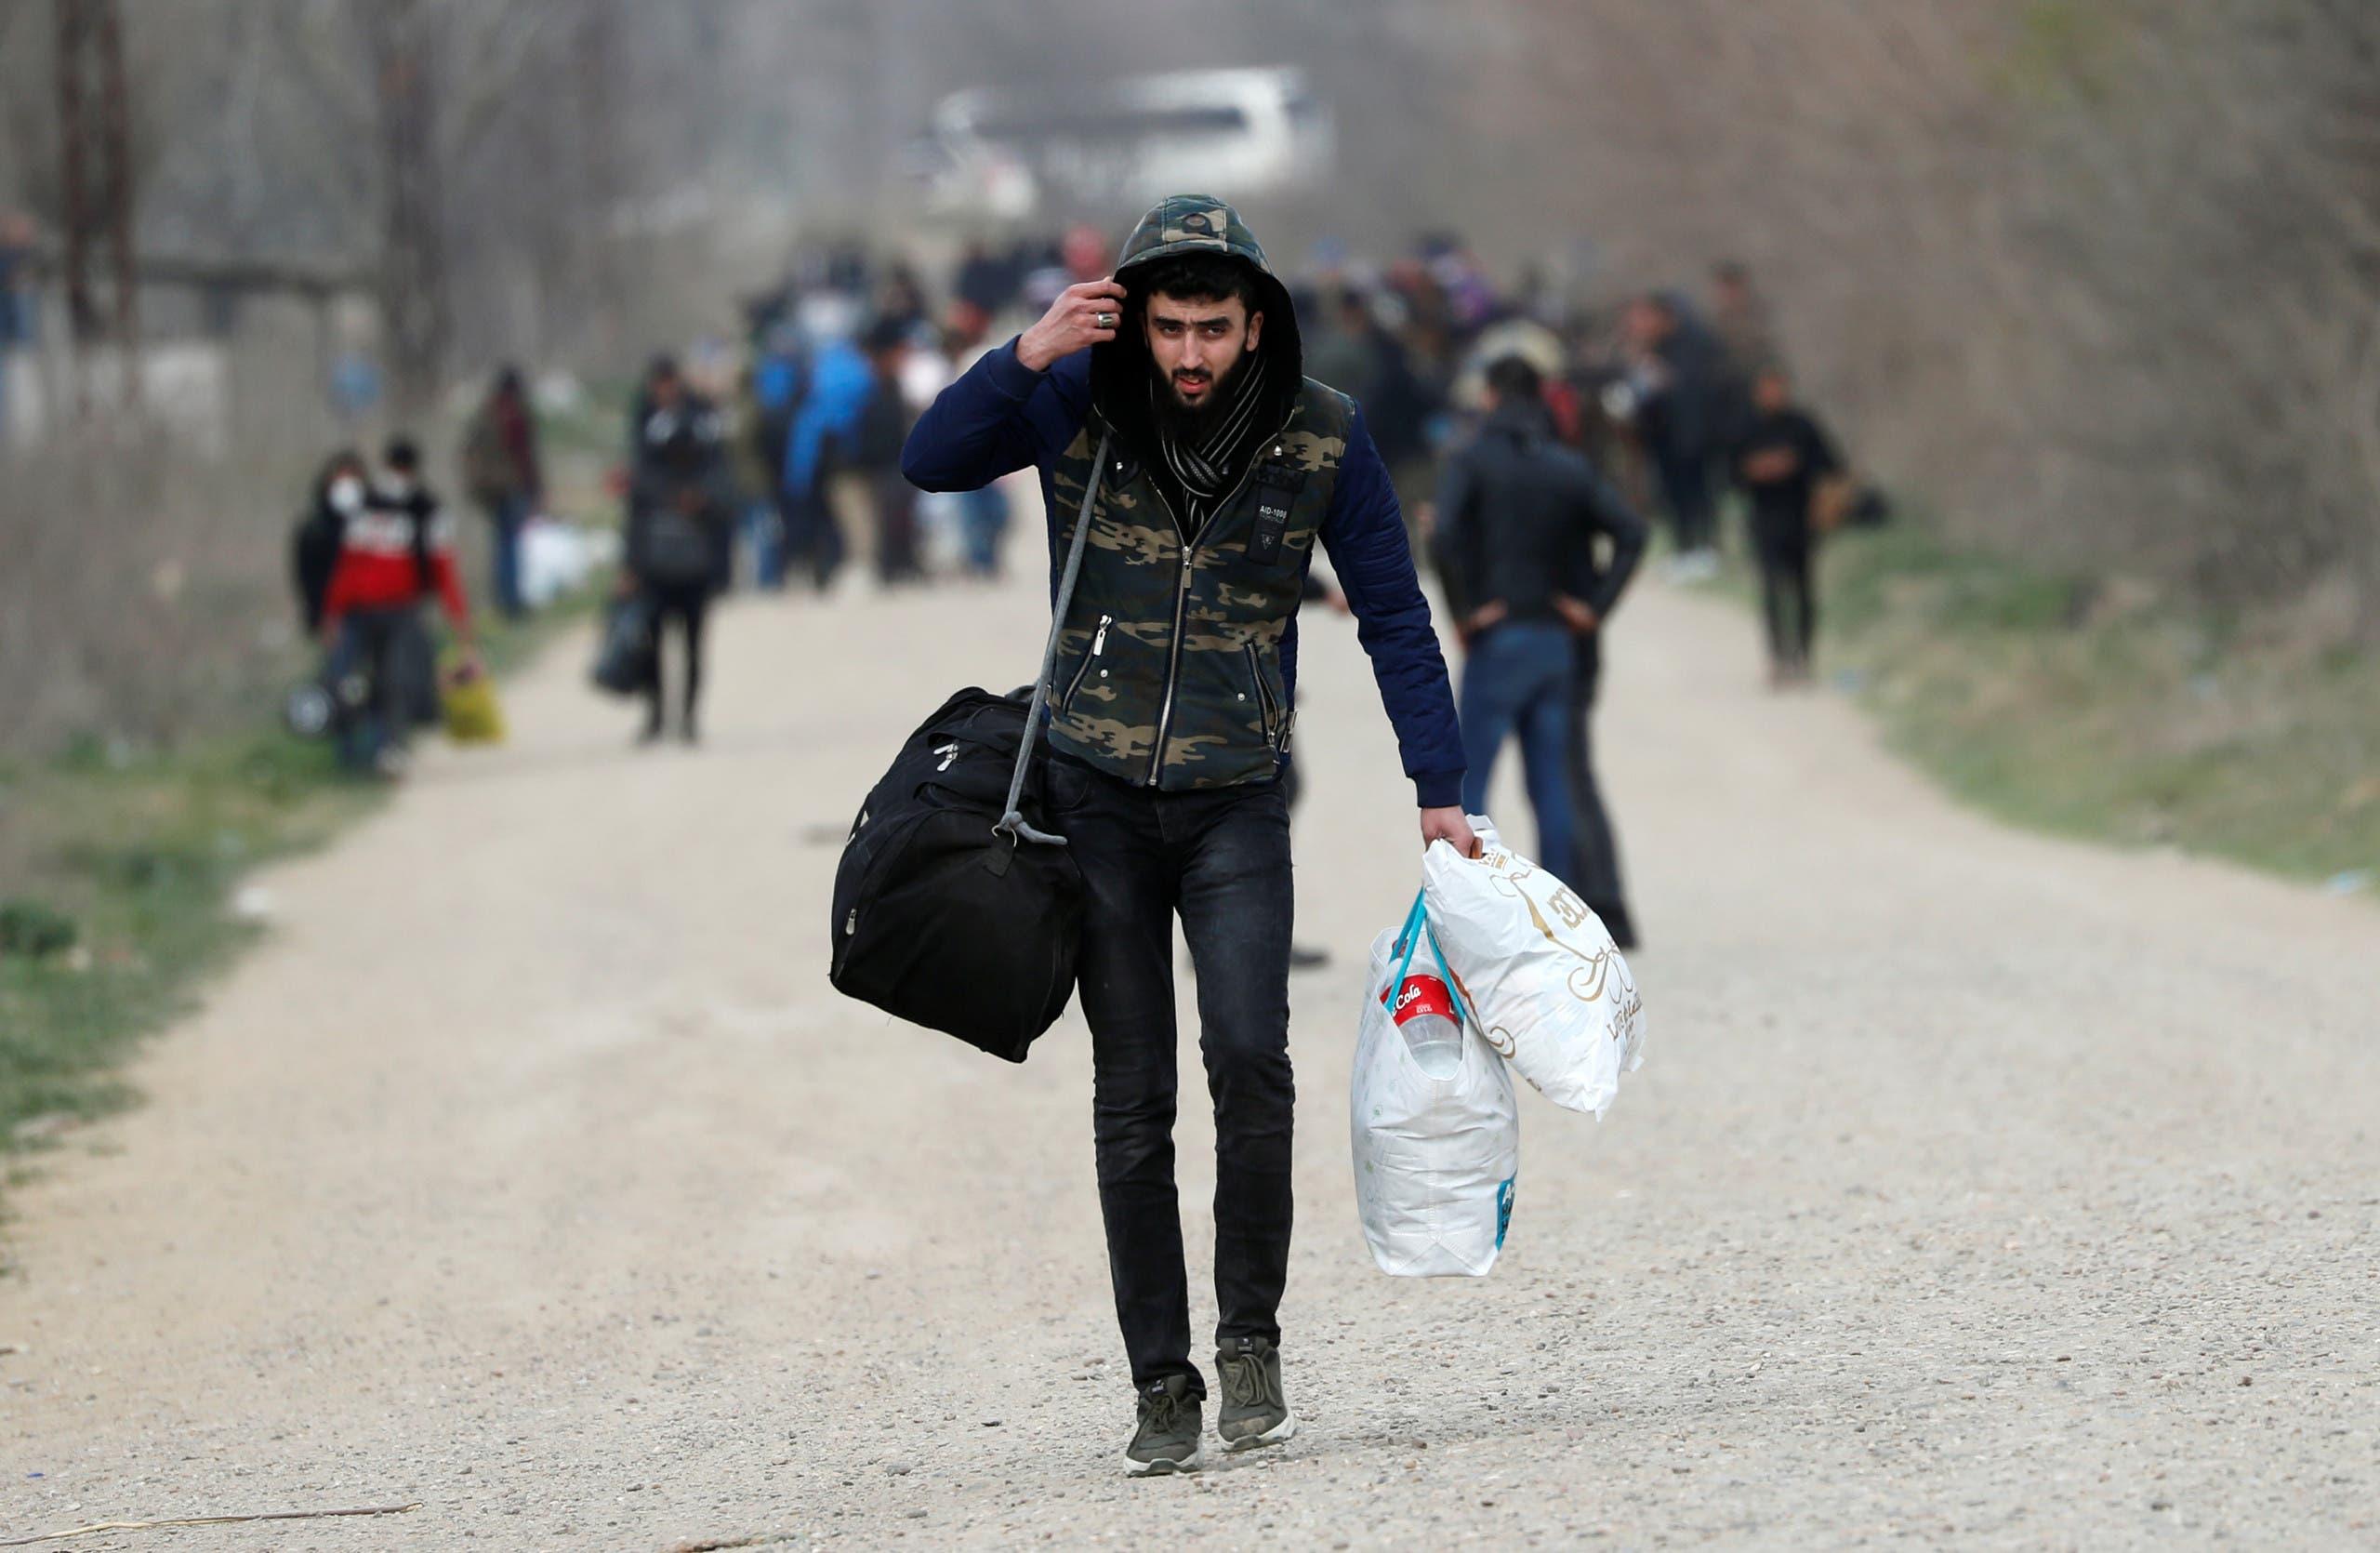 مهاجرون في تركيا يتوجهون صوب الحدود البرية مع اليونان في مارس 2020